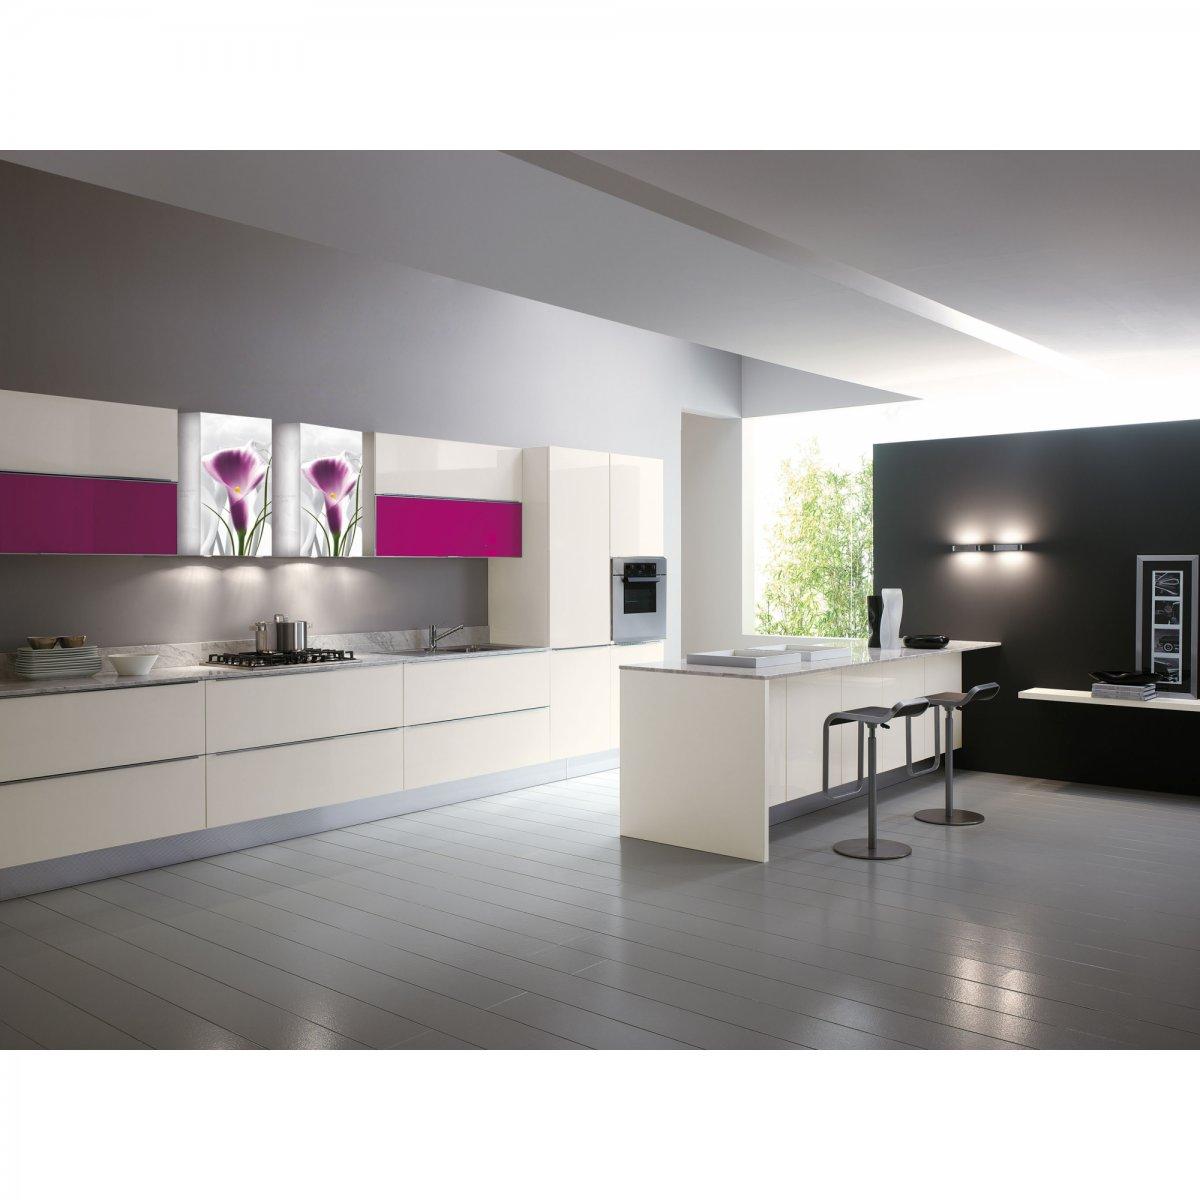 Coolors cappa petite parete 40 - Coolors pannelli cucina ...